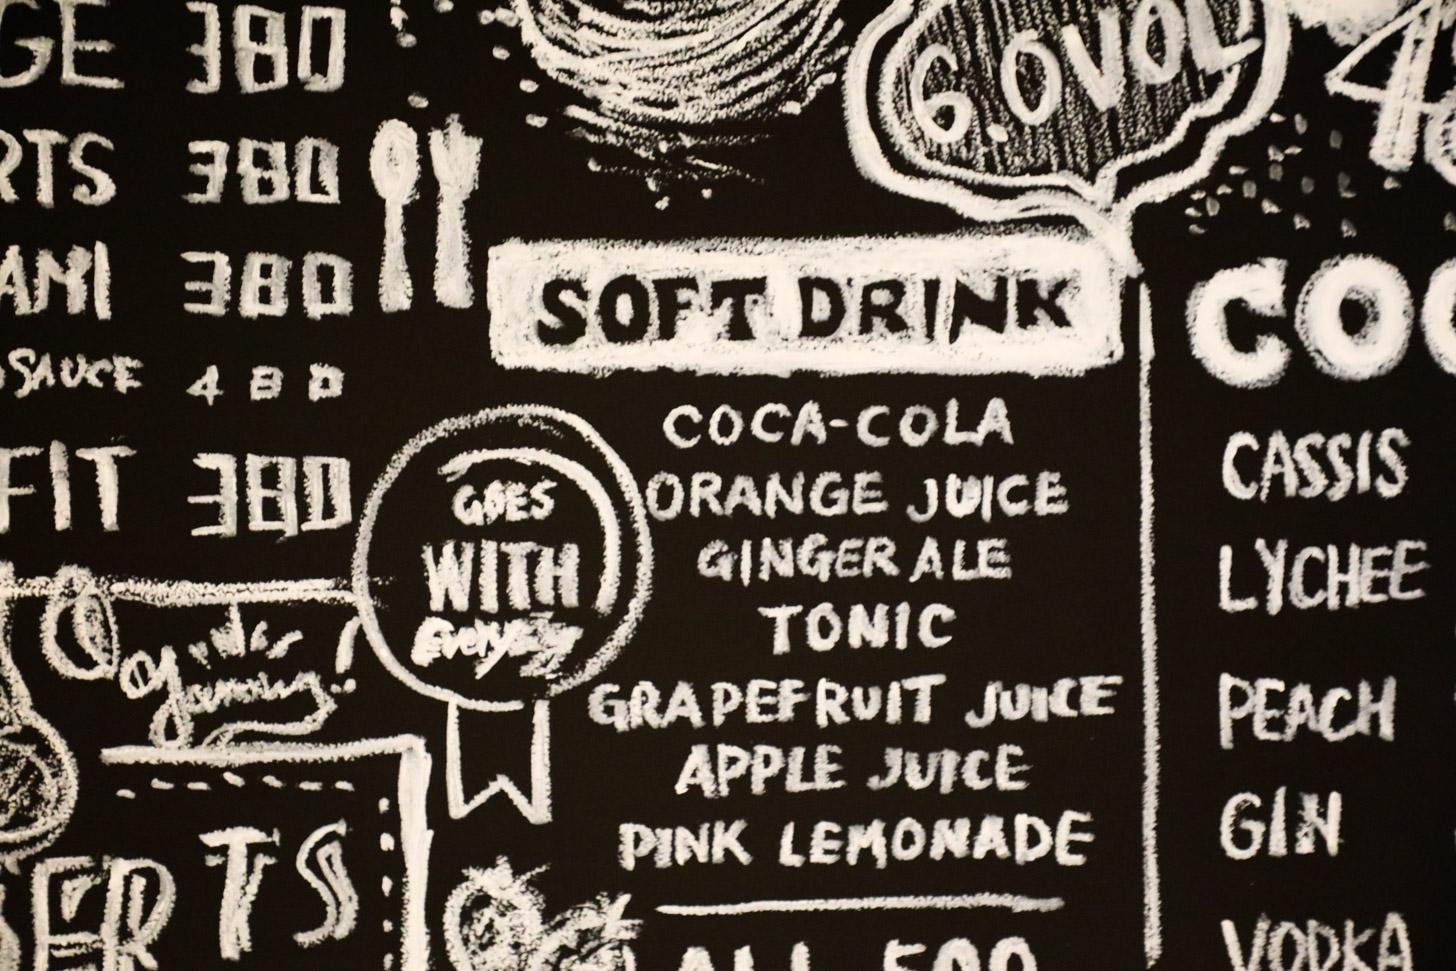 Niet-alcoholische dranken